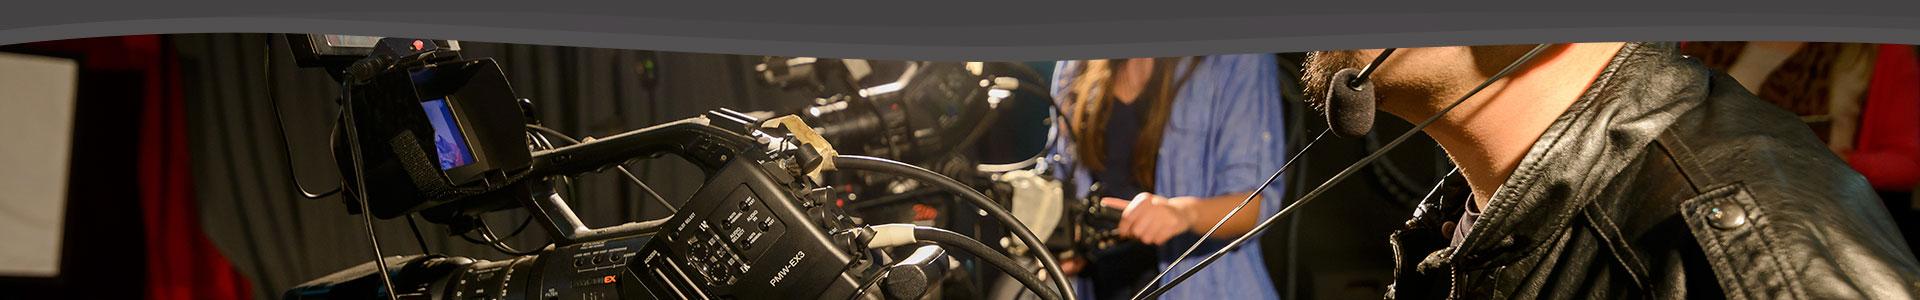 Licenciatura en Comunicación orientación audiovisual - Universidad ORT Uruguay